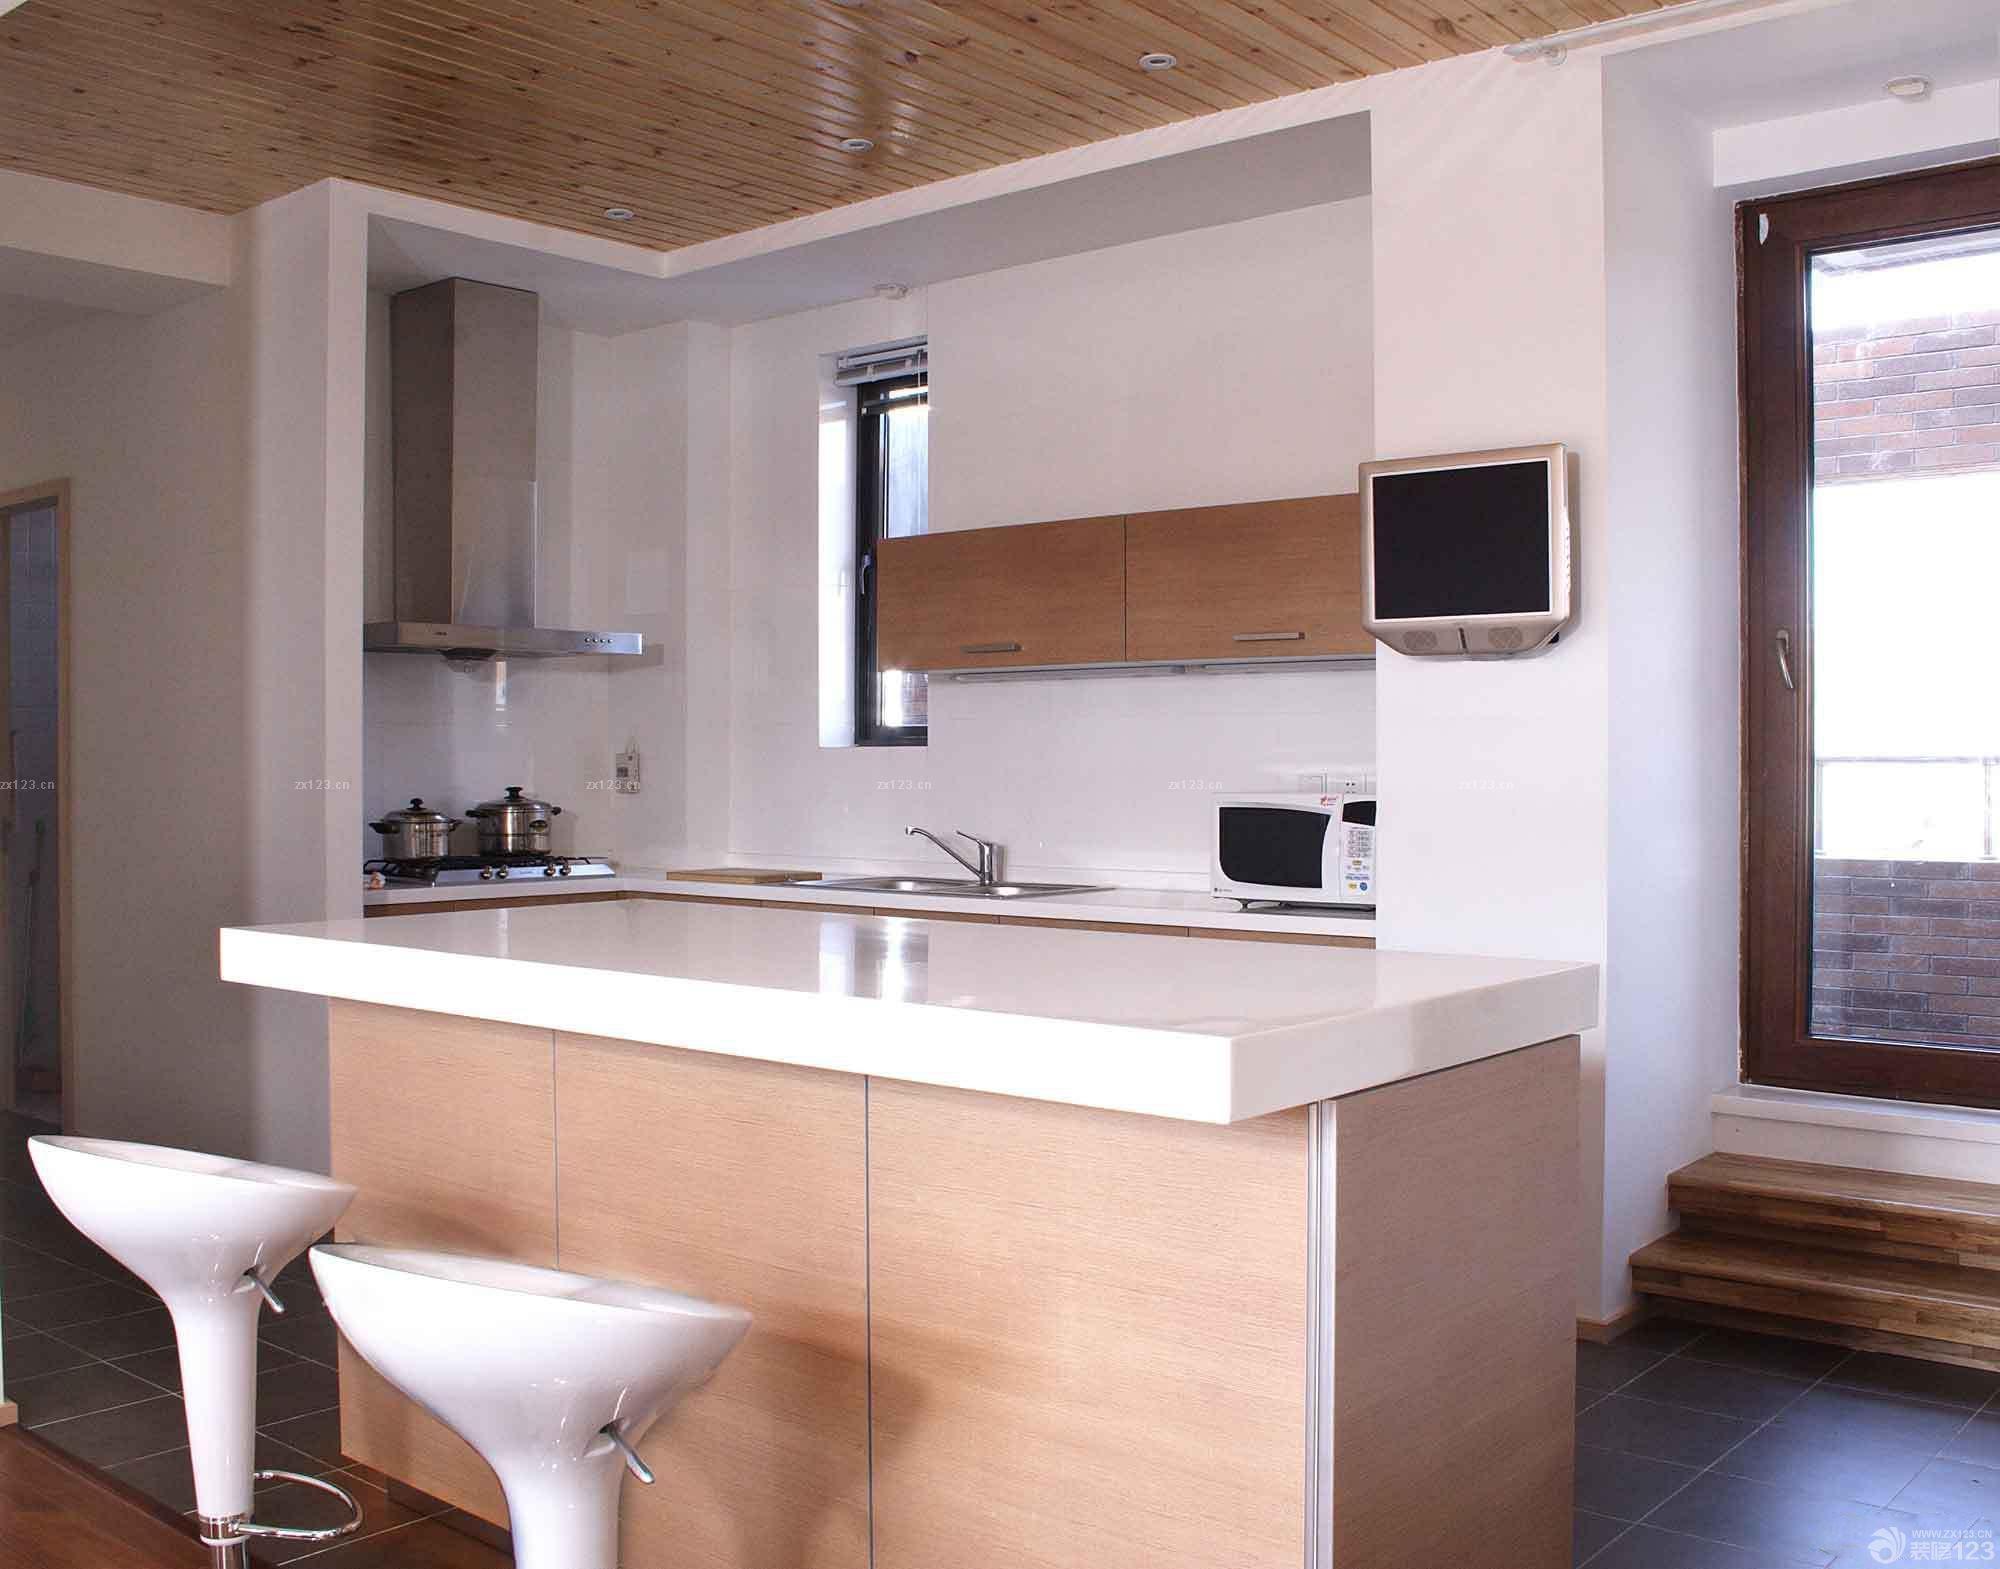 装修效果图 家居设计 最新30平米公寓敞开式厨房装修效果图大全